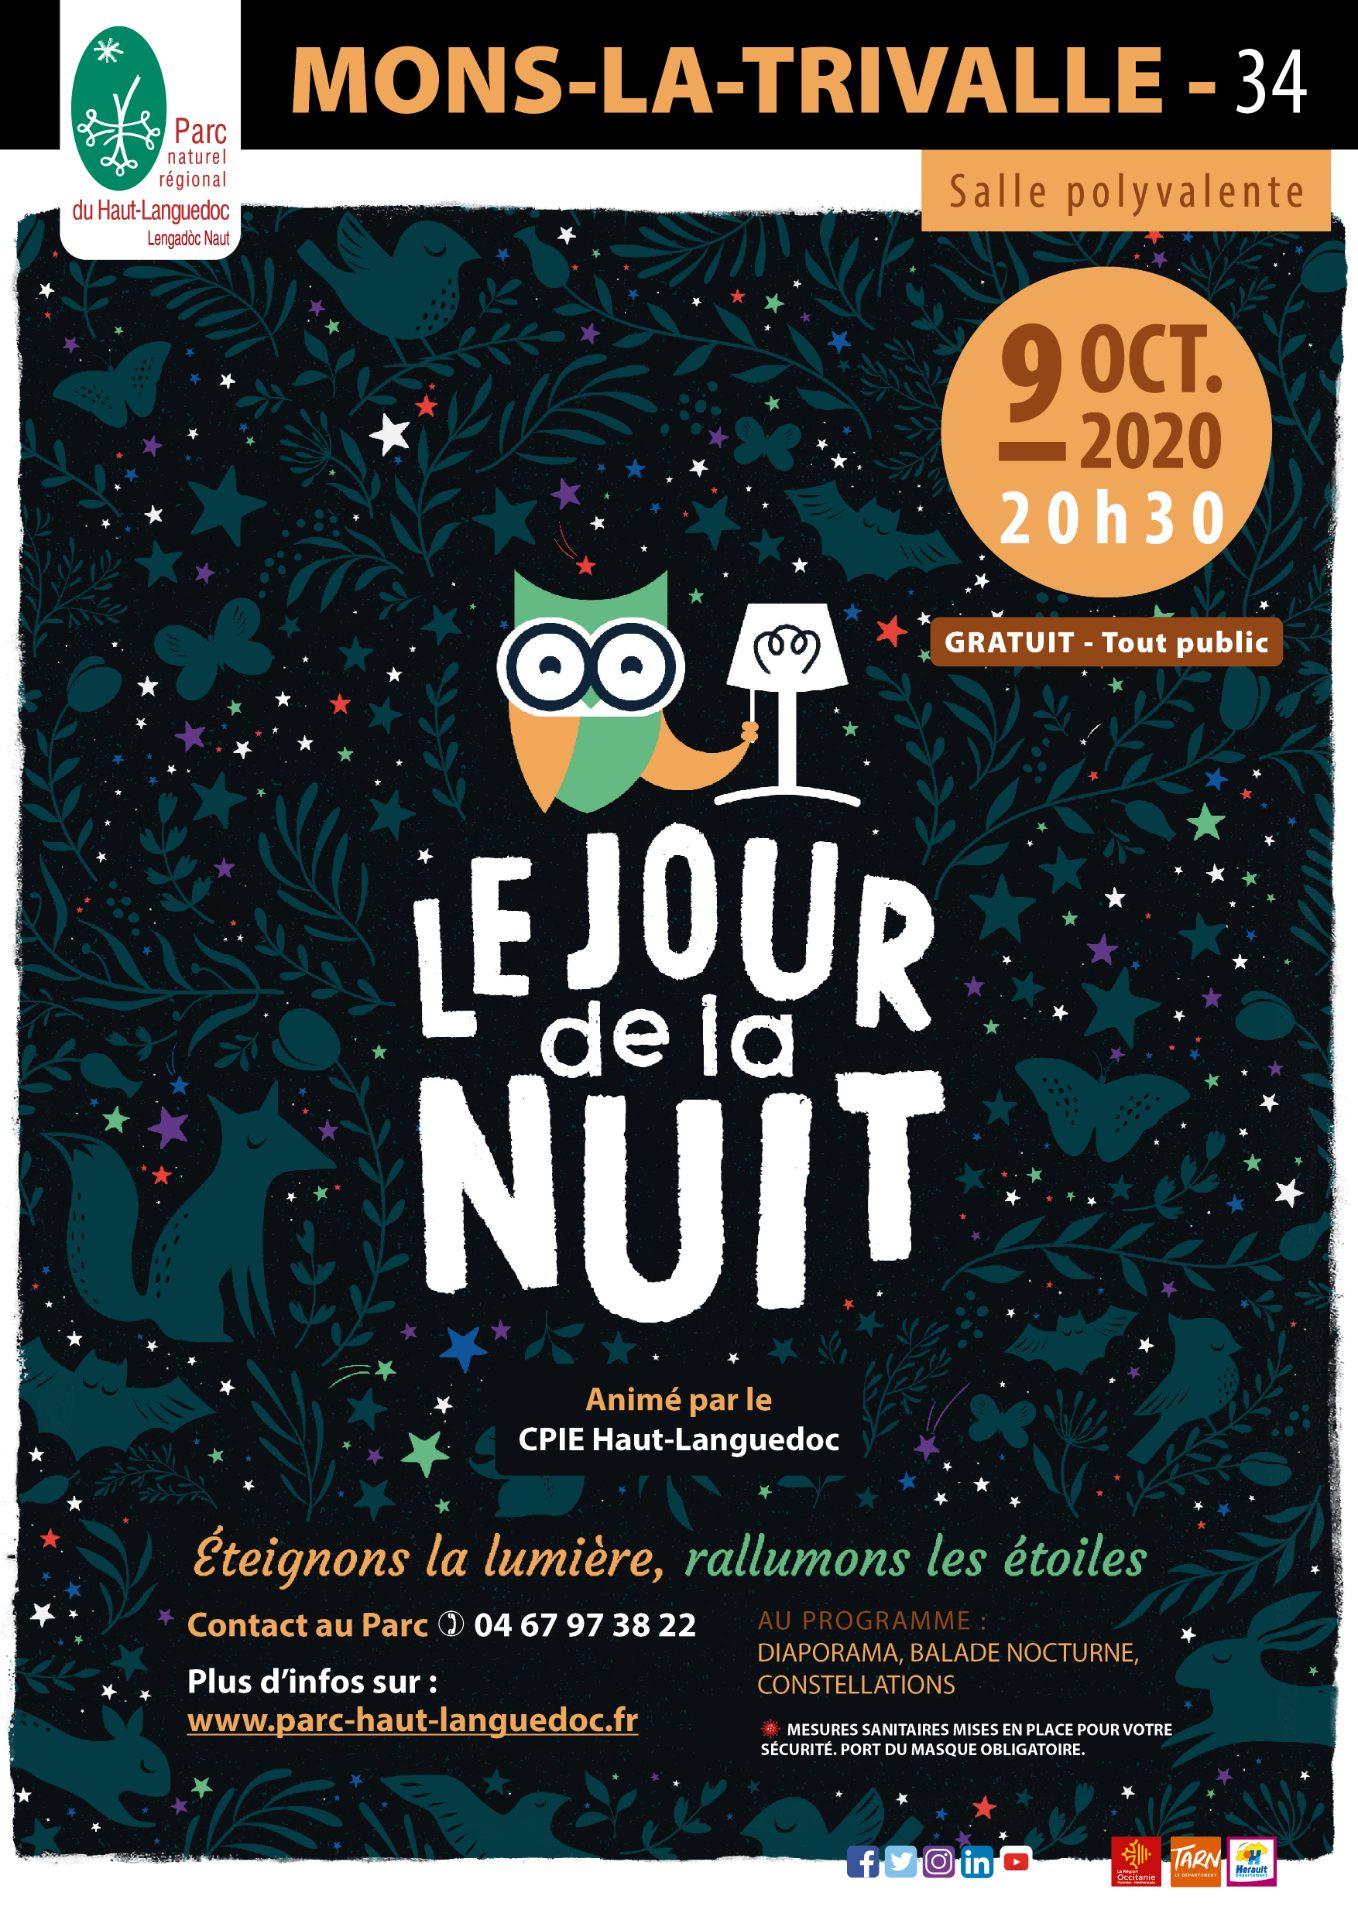 Affiche Le Jour de la Nuit à Mons la Trivalle (Hérault)